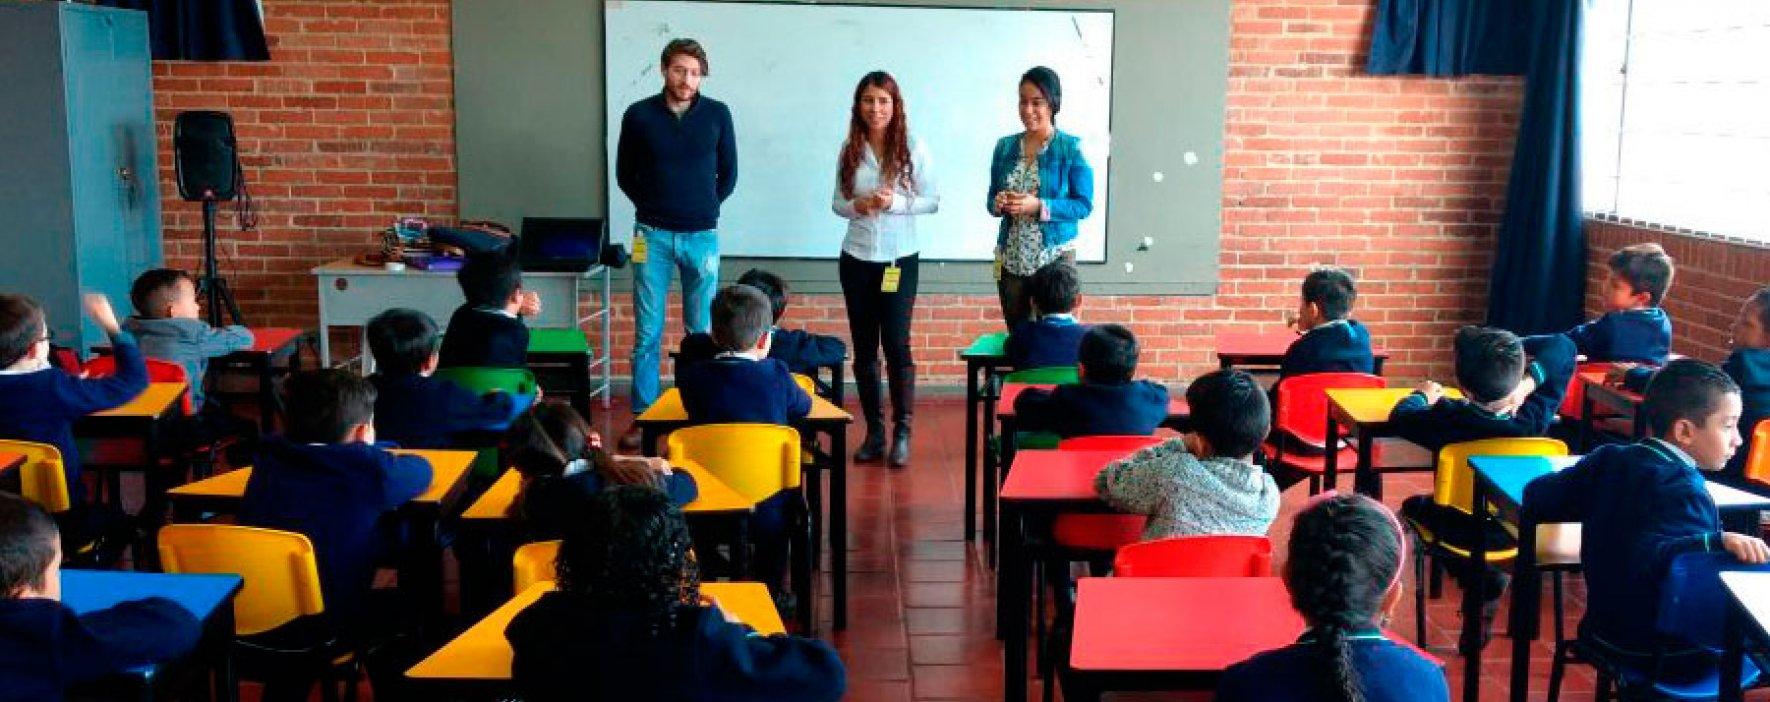 Los idiomas se tomaron las aulas del Colegio Compartir Suba